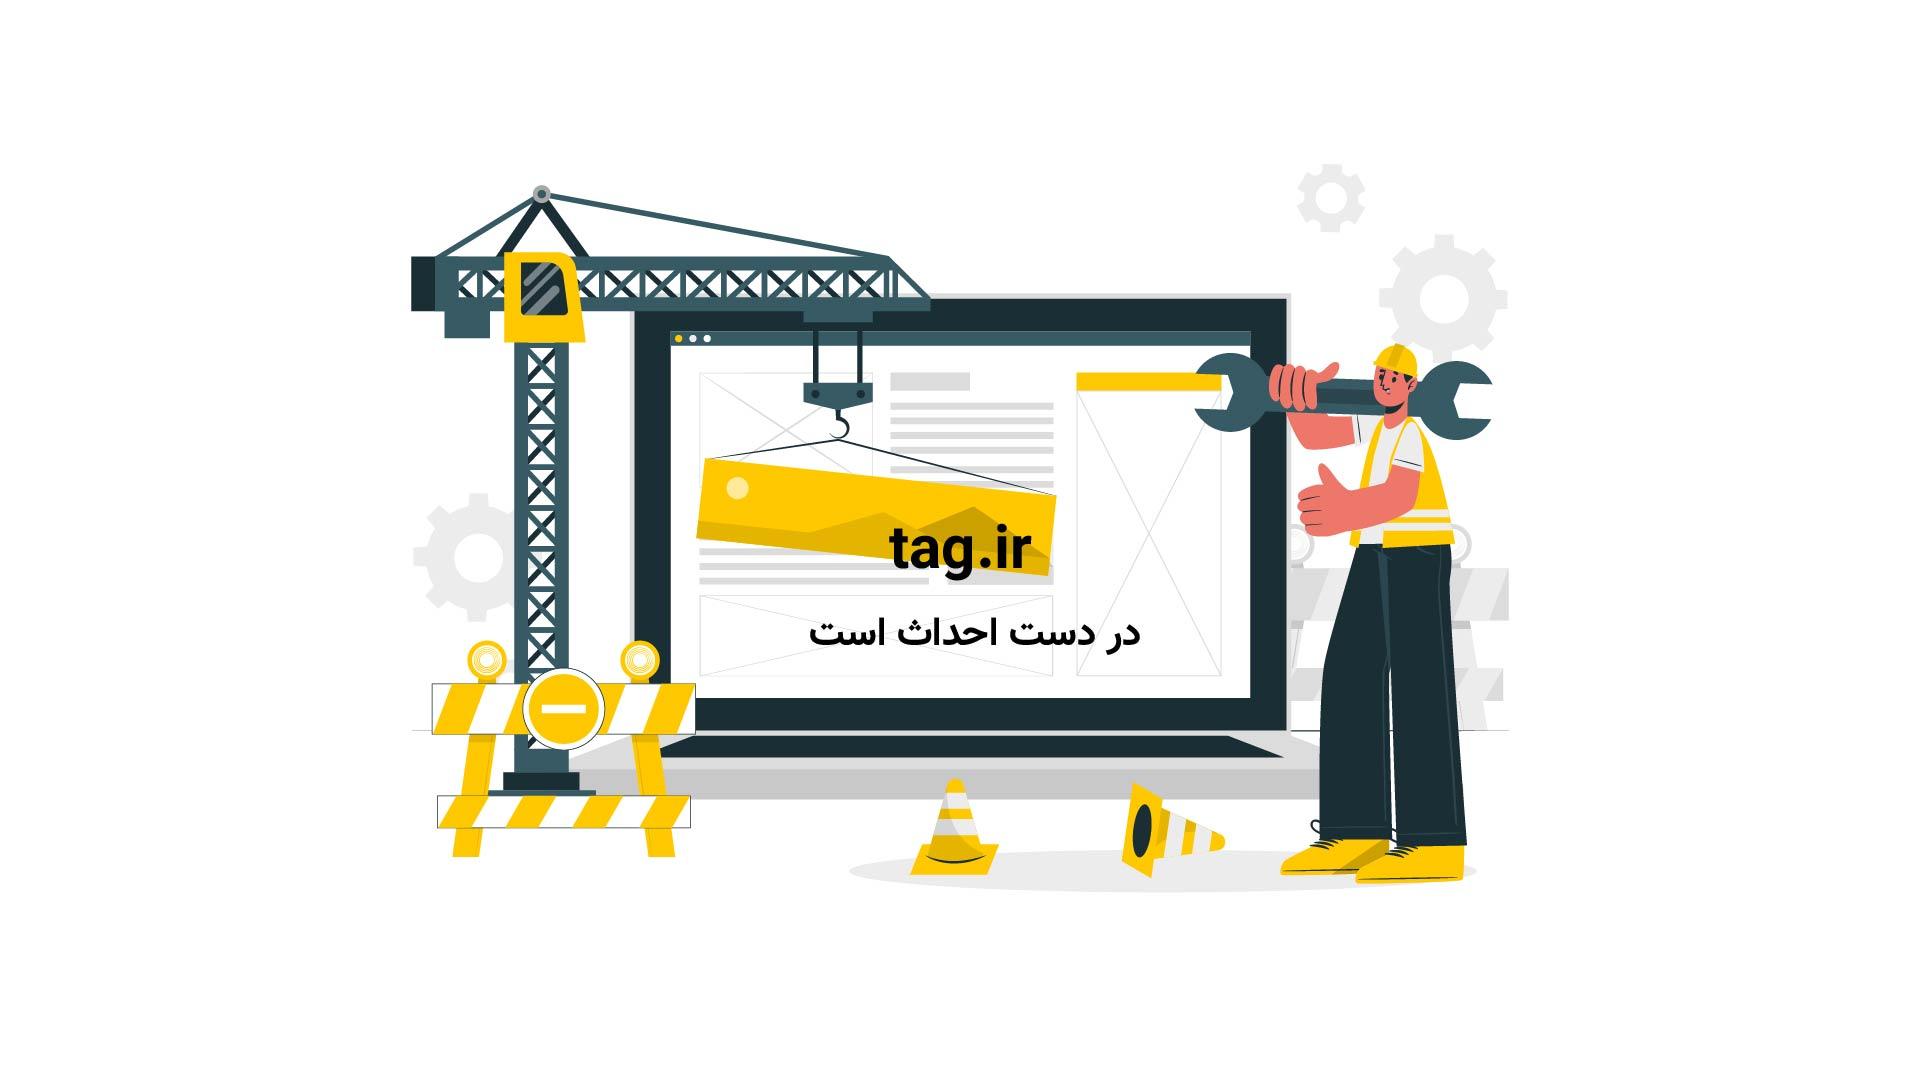 عبور از روی آب با موتور سیکلت | فیلم